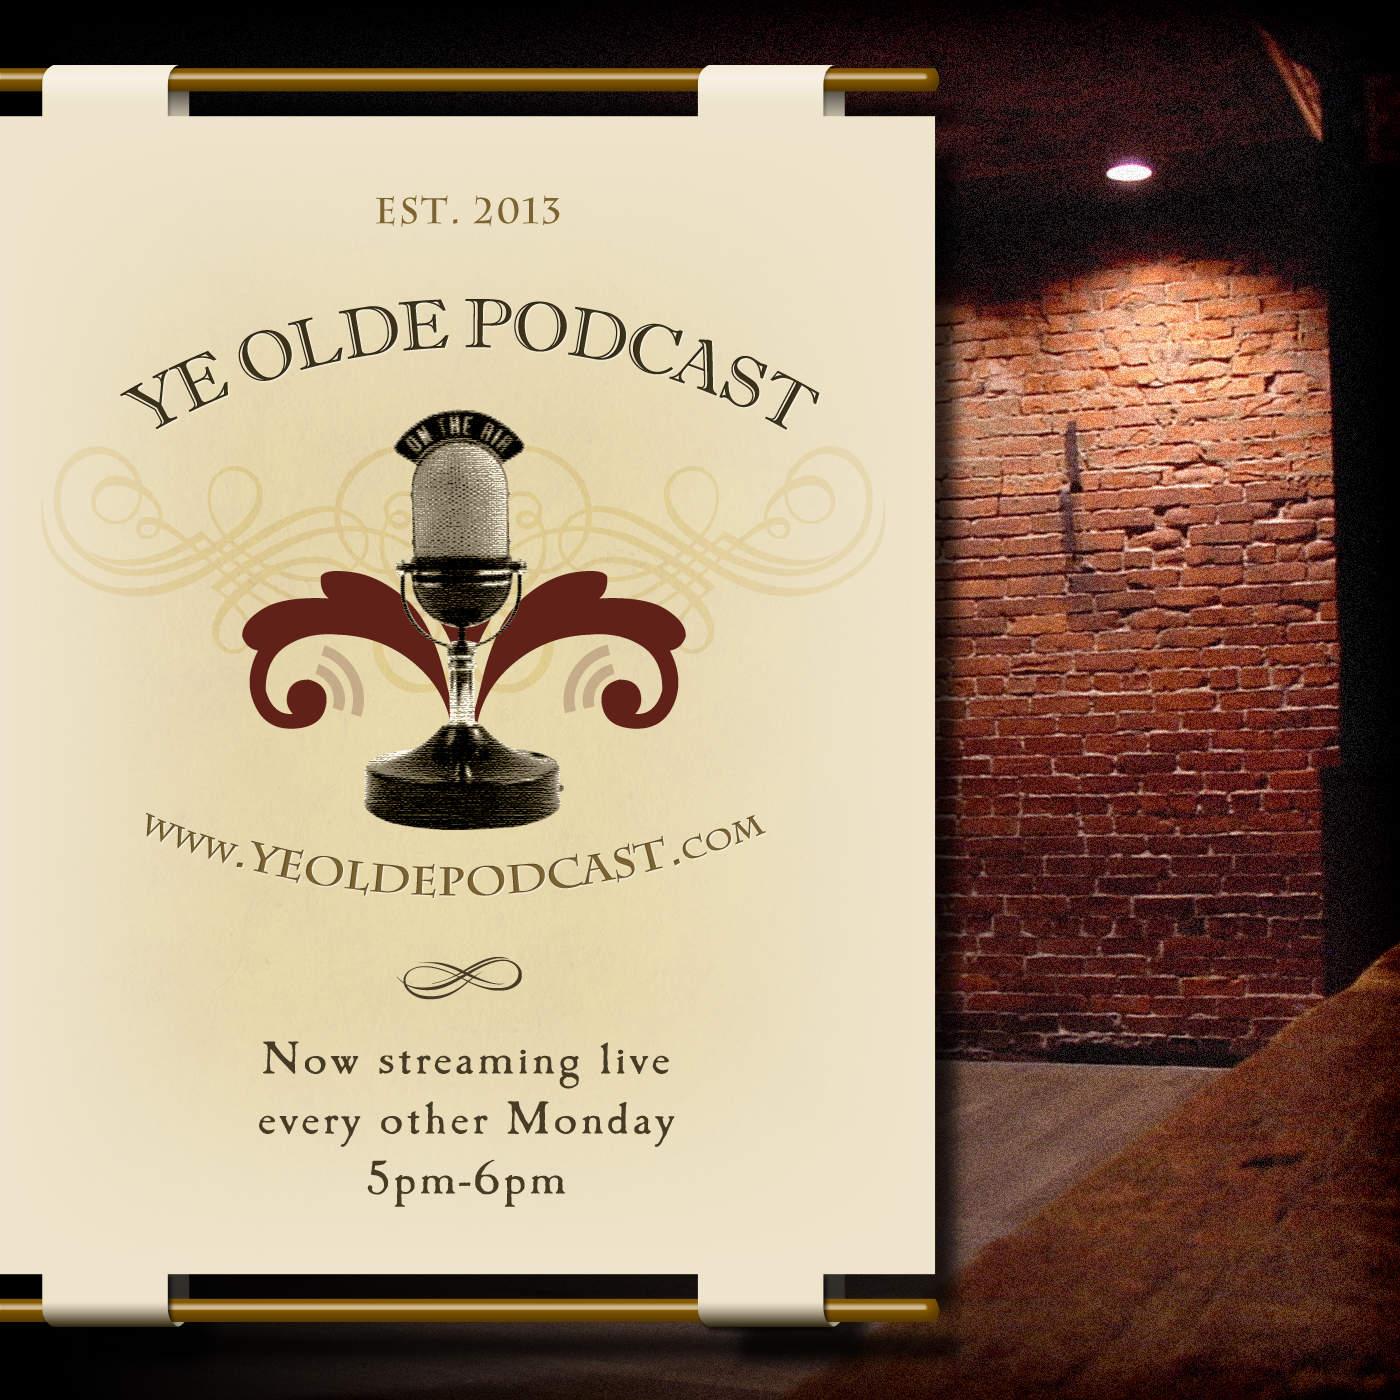 YeOldePodcast